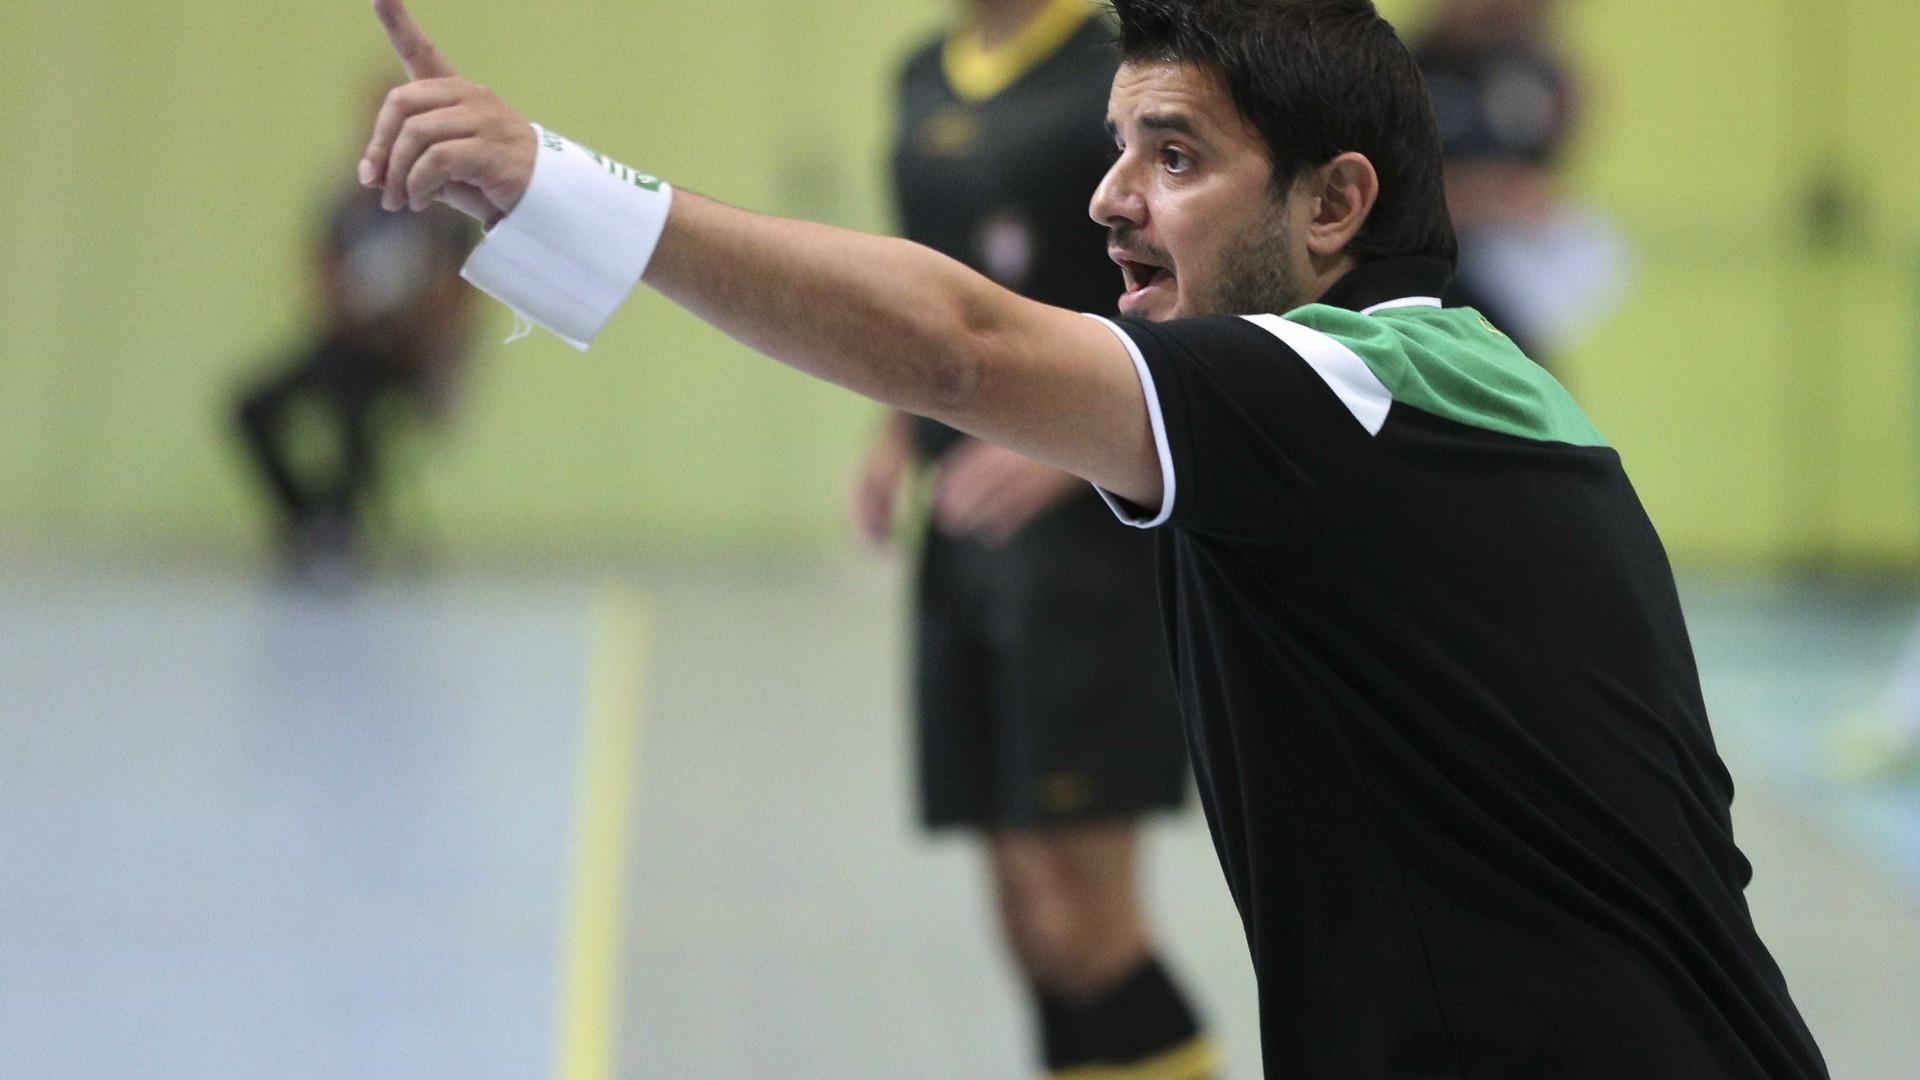 Sporting arranca com triunfo claro frente ao campeão ucraniano — UEFA Futsal Cup